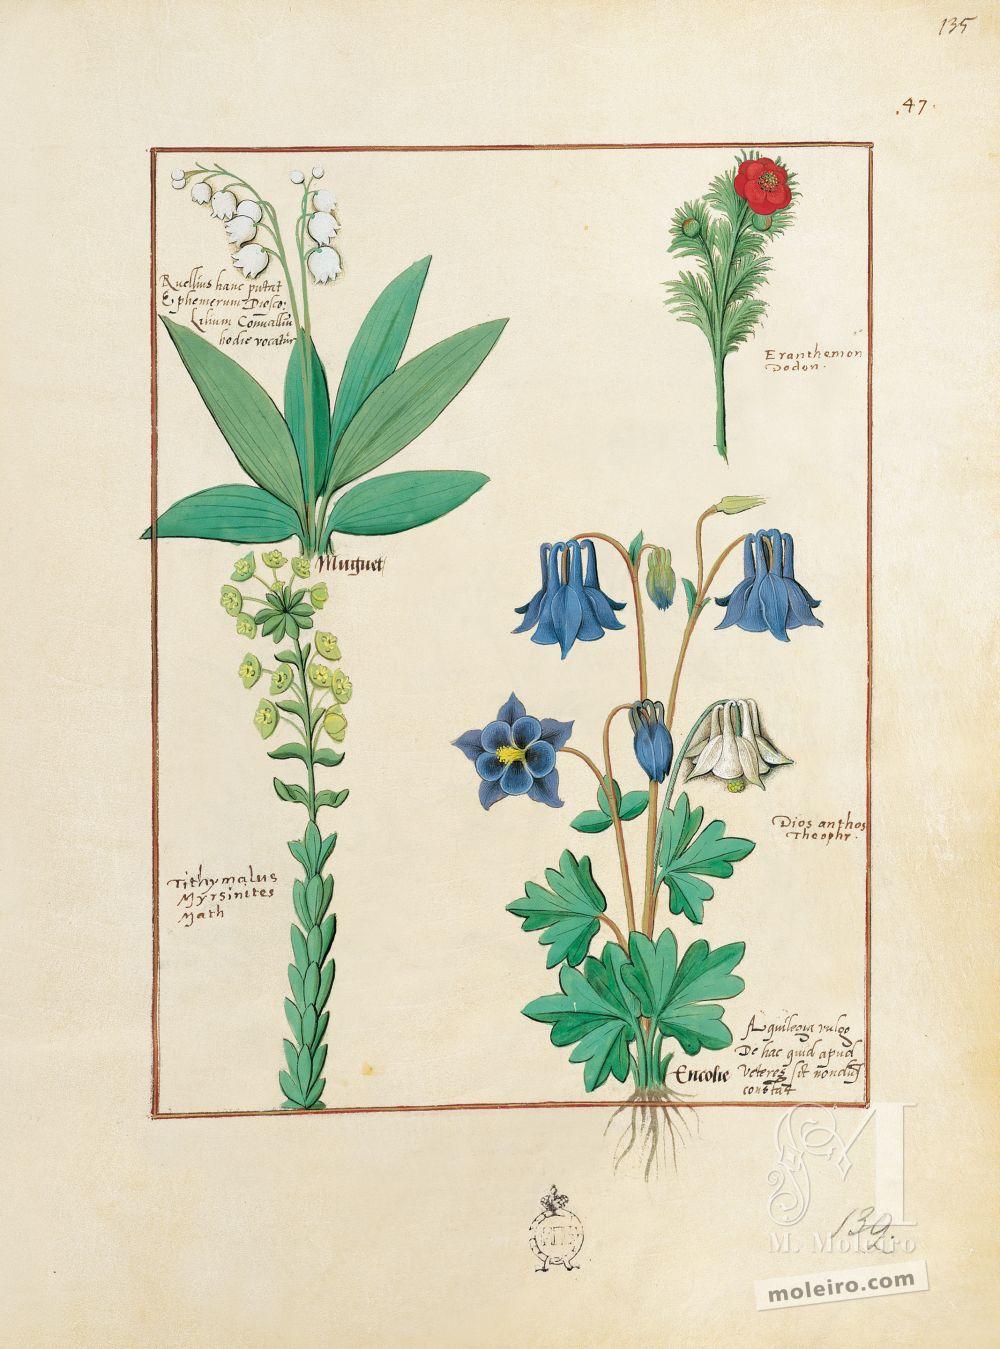 Carpeta 5 folios del Libro de los Medicamentos Simples (s. XV)  Folio 135r, Lechuga silvestre, Aguileña, Lirio del Valle